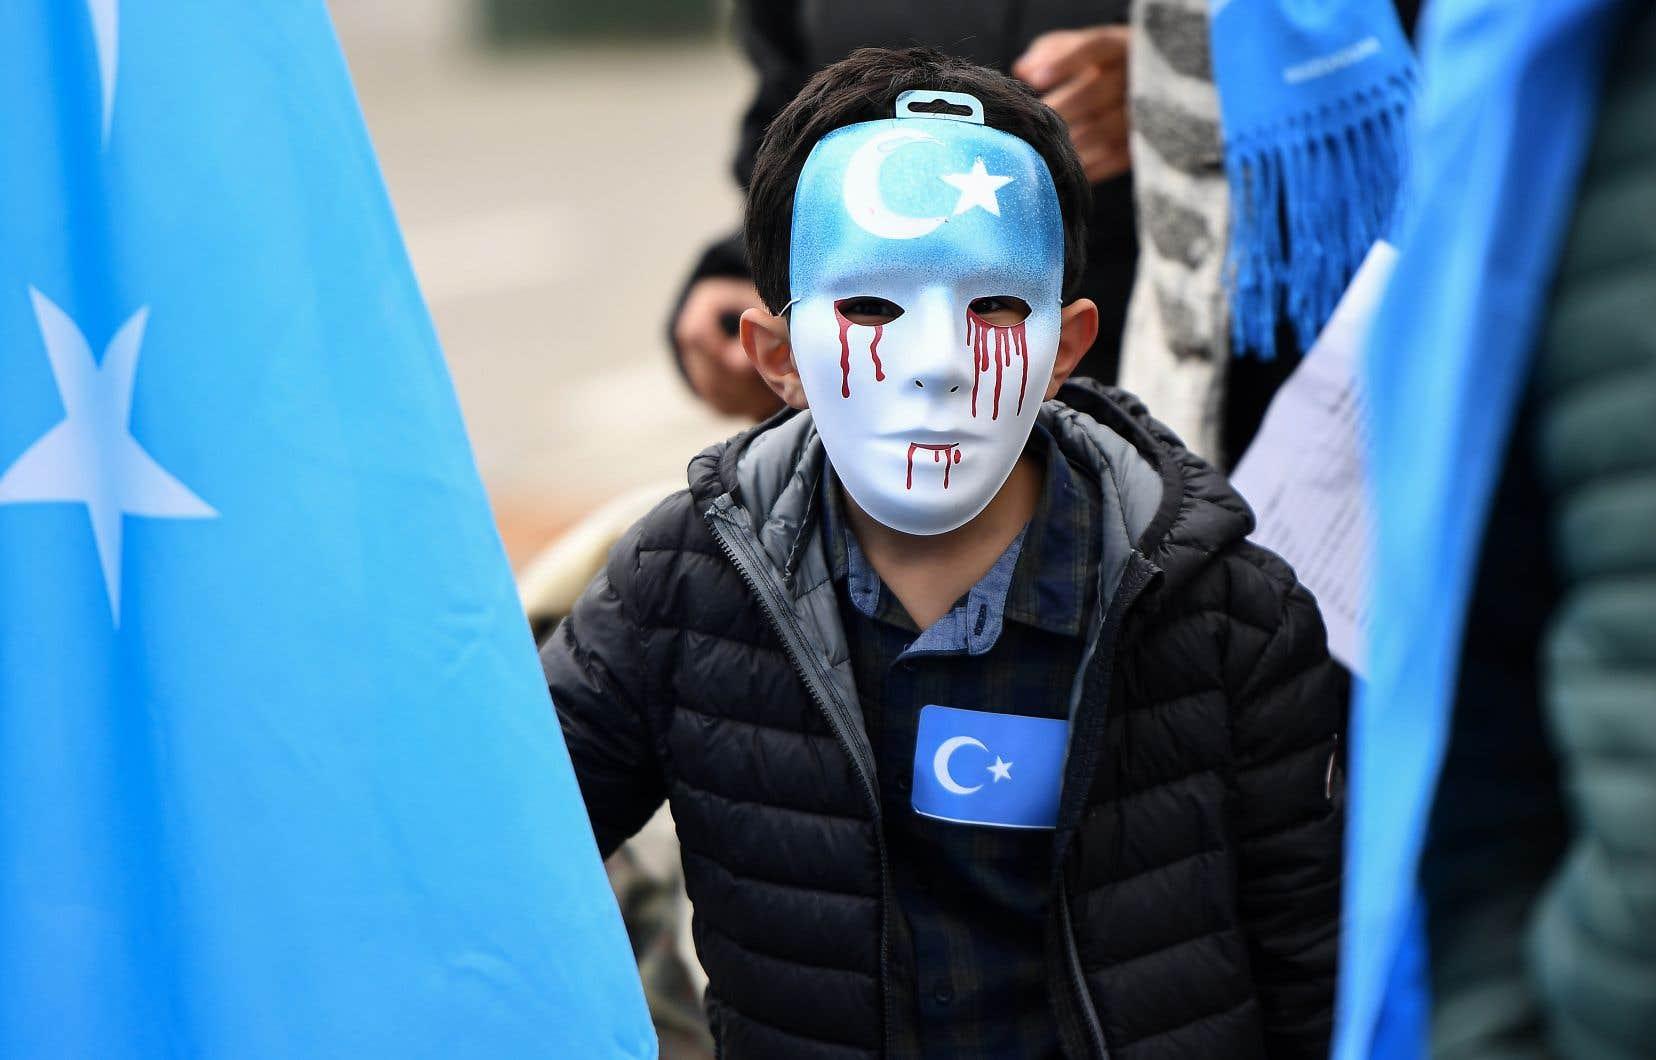 La Chine s'est attiré l'ire de la communauté internationale en emprisonnant dans des camps des membres de la minorité ouïghoure.